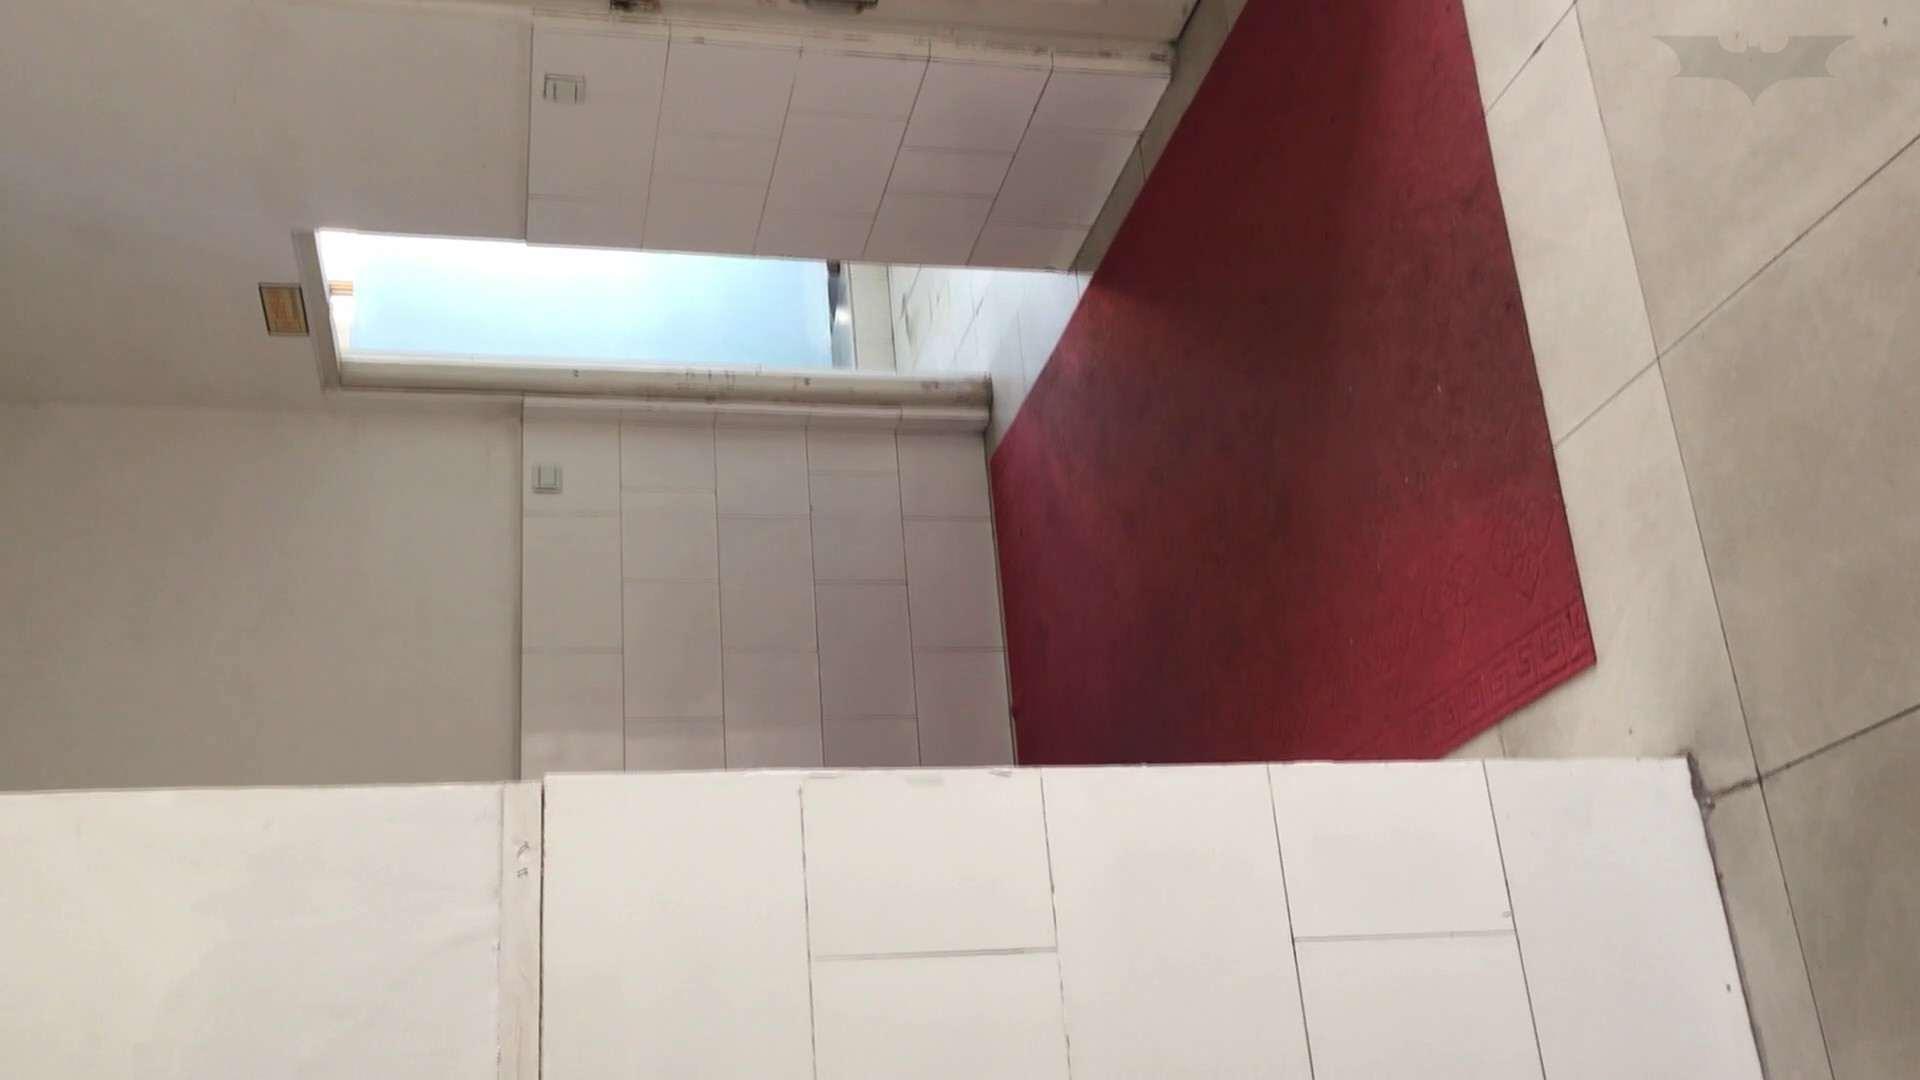 芸術大学ガチ潜入盗撮 JD盗撮 美女の洗面所の秘密 Vol.91 盗撮 | 高画質  97画像 82